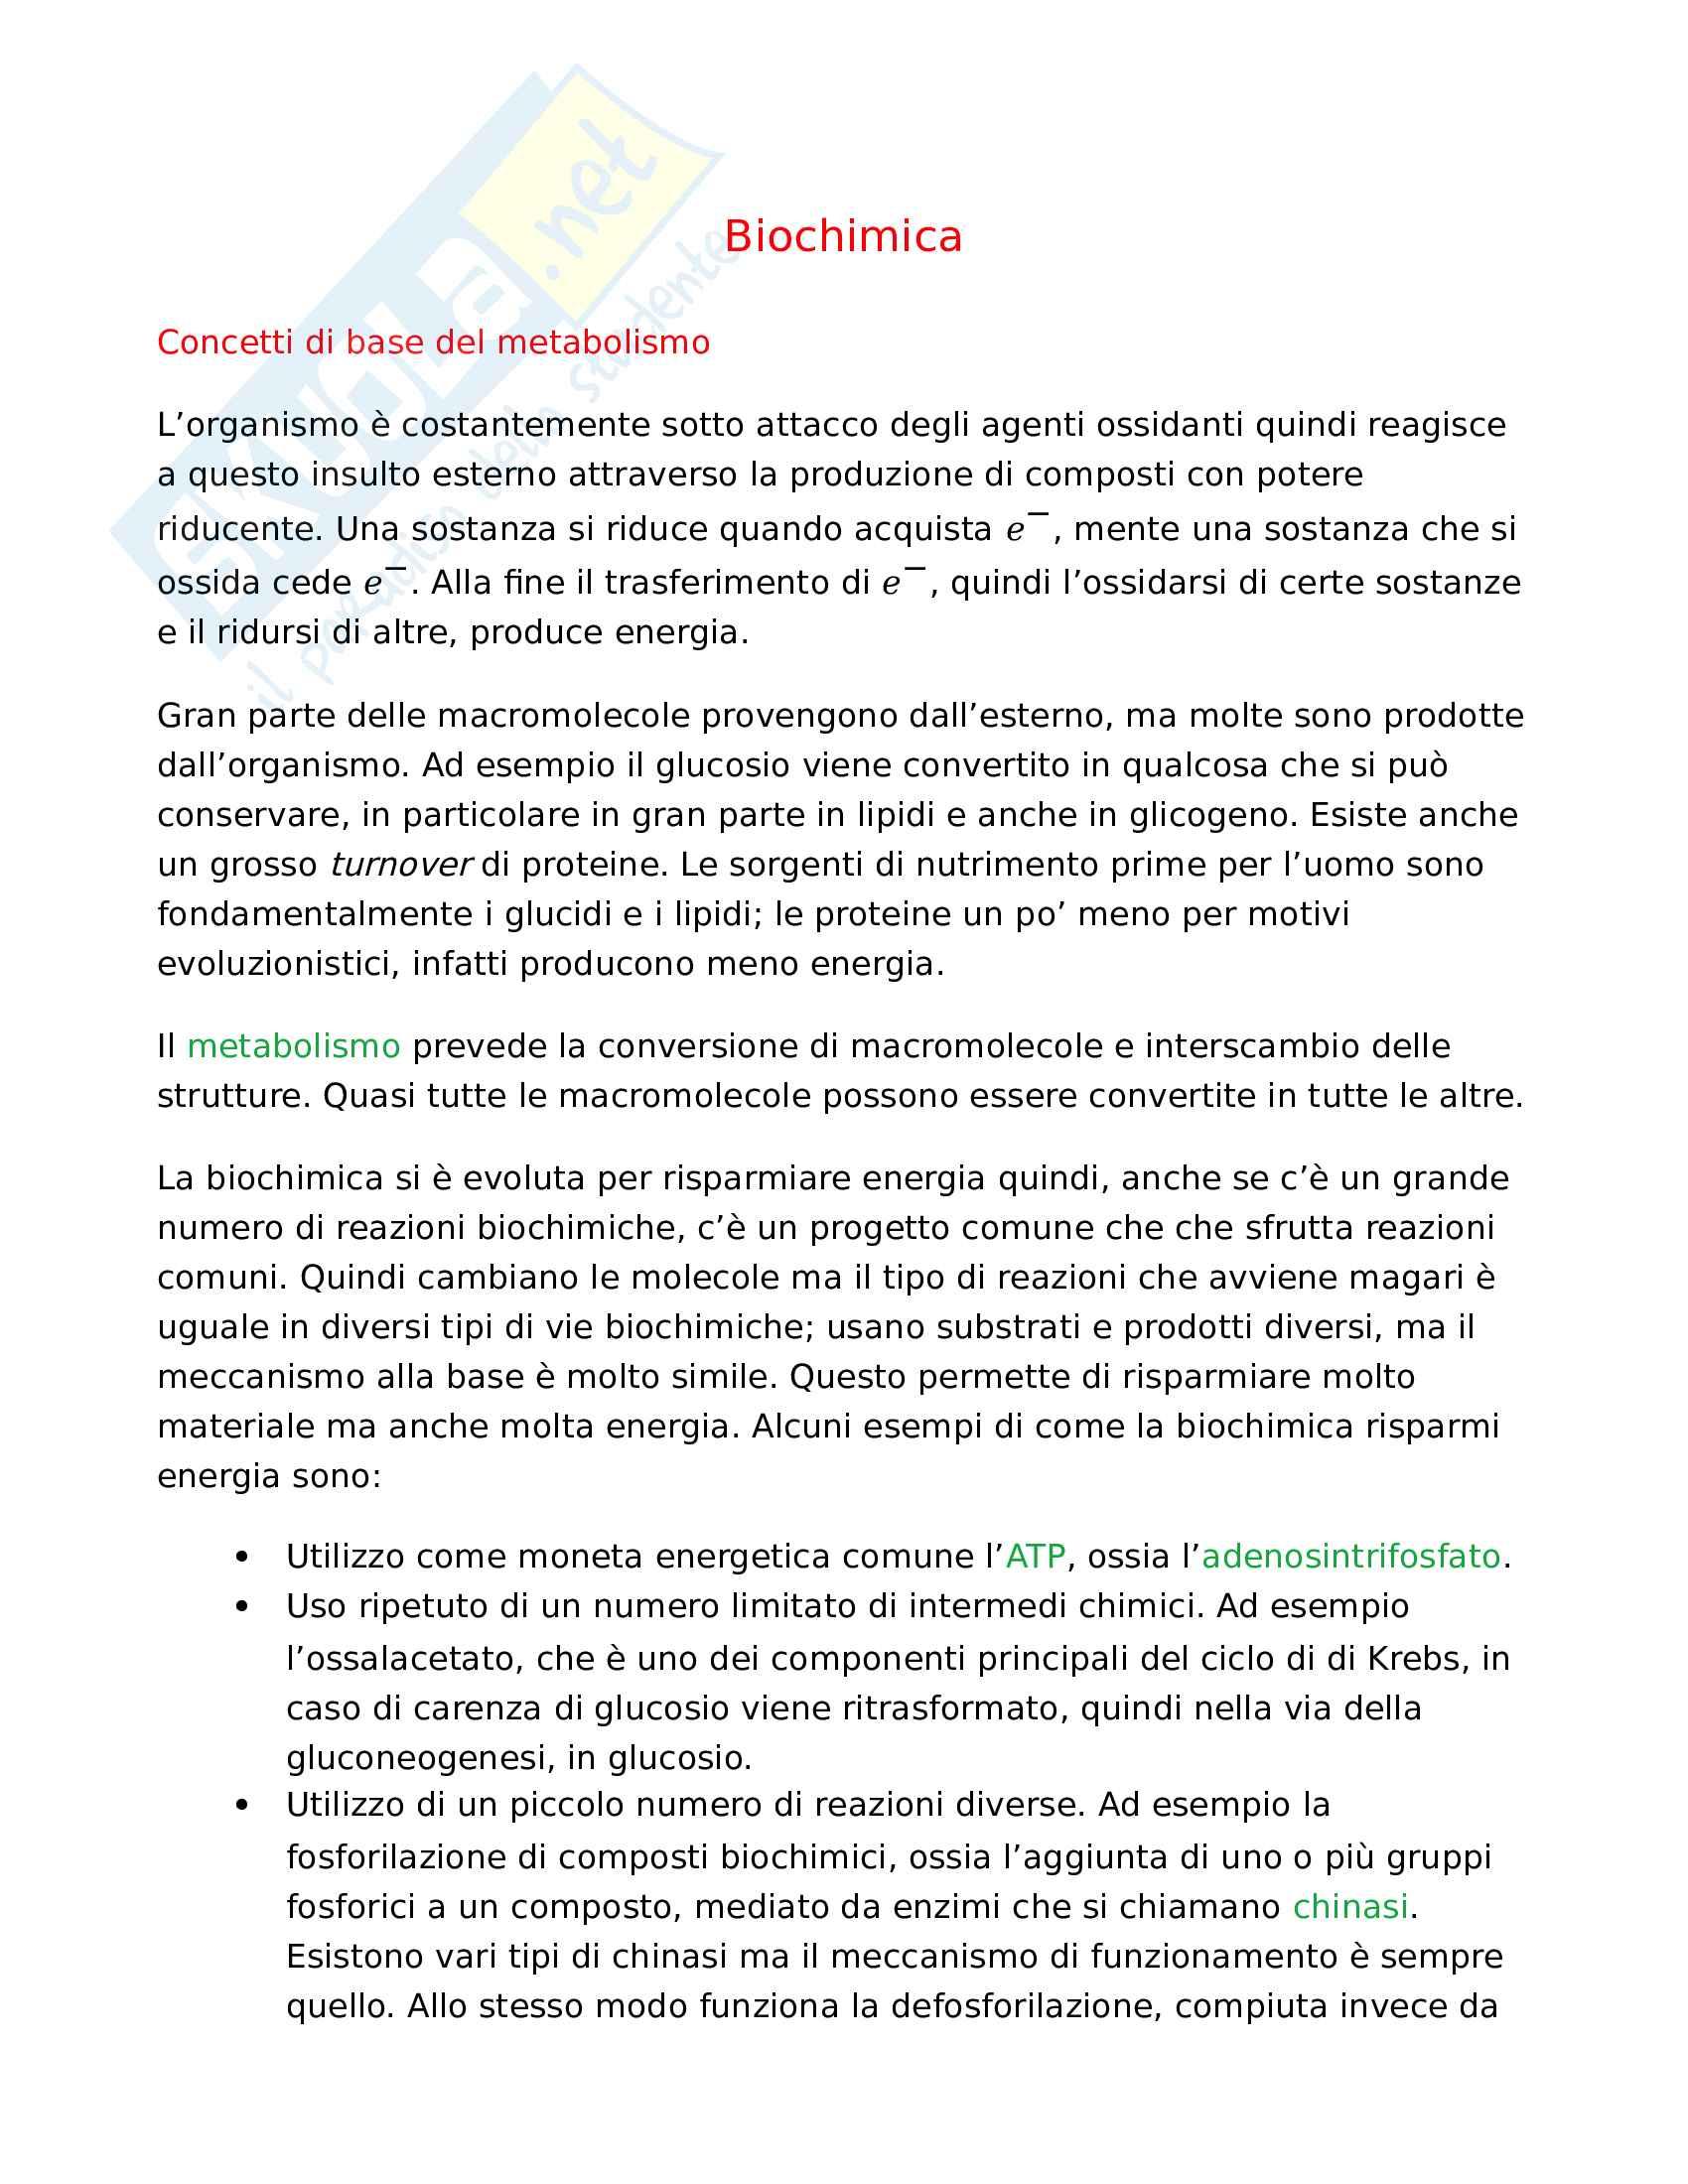 Biochimica medica